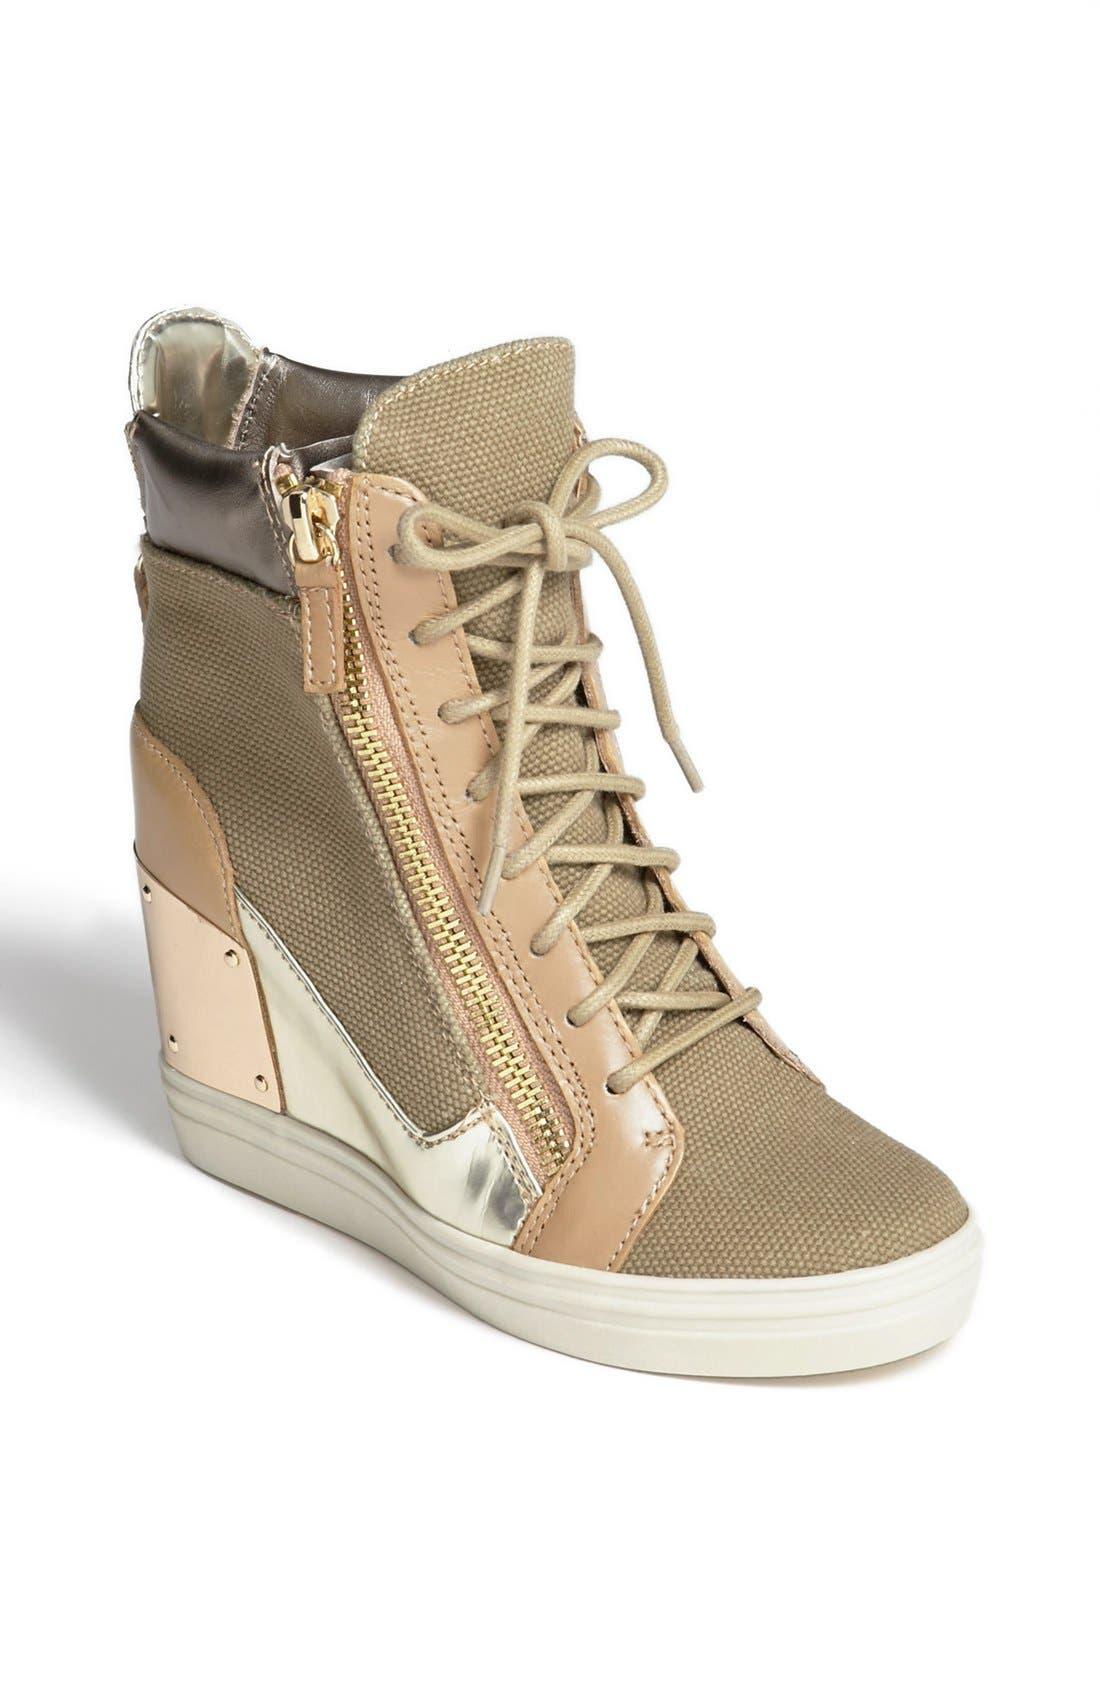 Alternate Image 1 Selected - Steve Madden 'Lexing' Wedge Sneaker